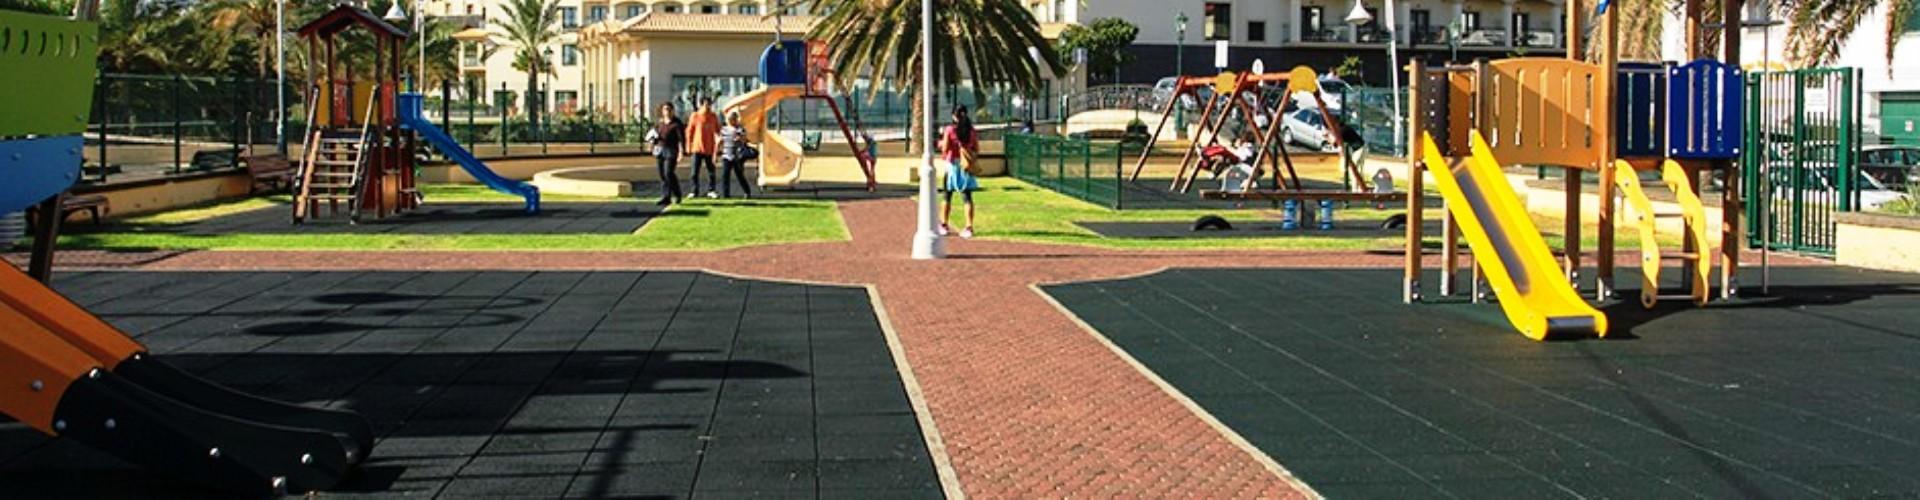 Parque Infantil de Santa Cruz Childrens Park, Madeira